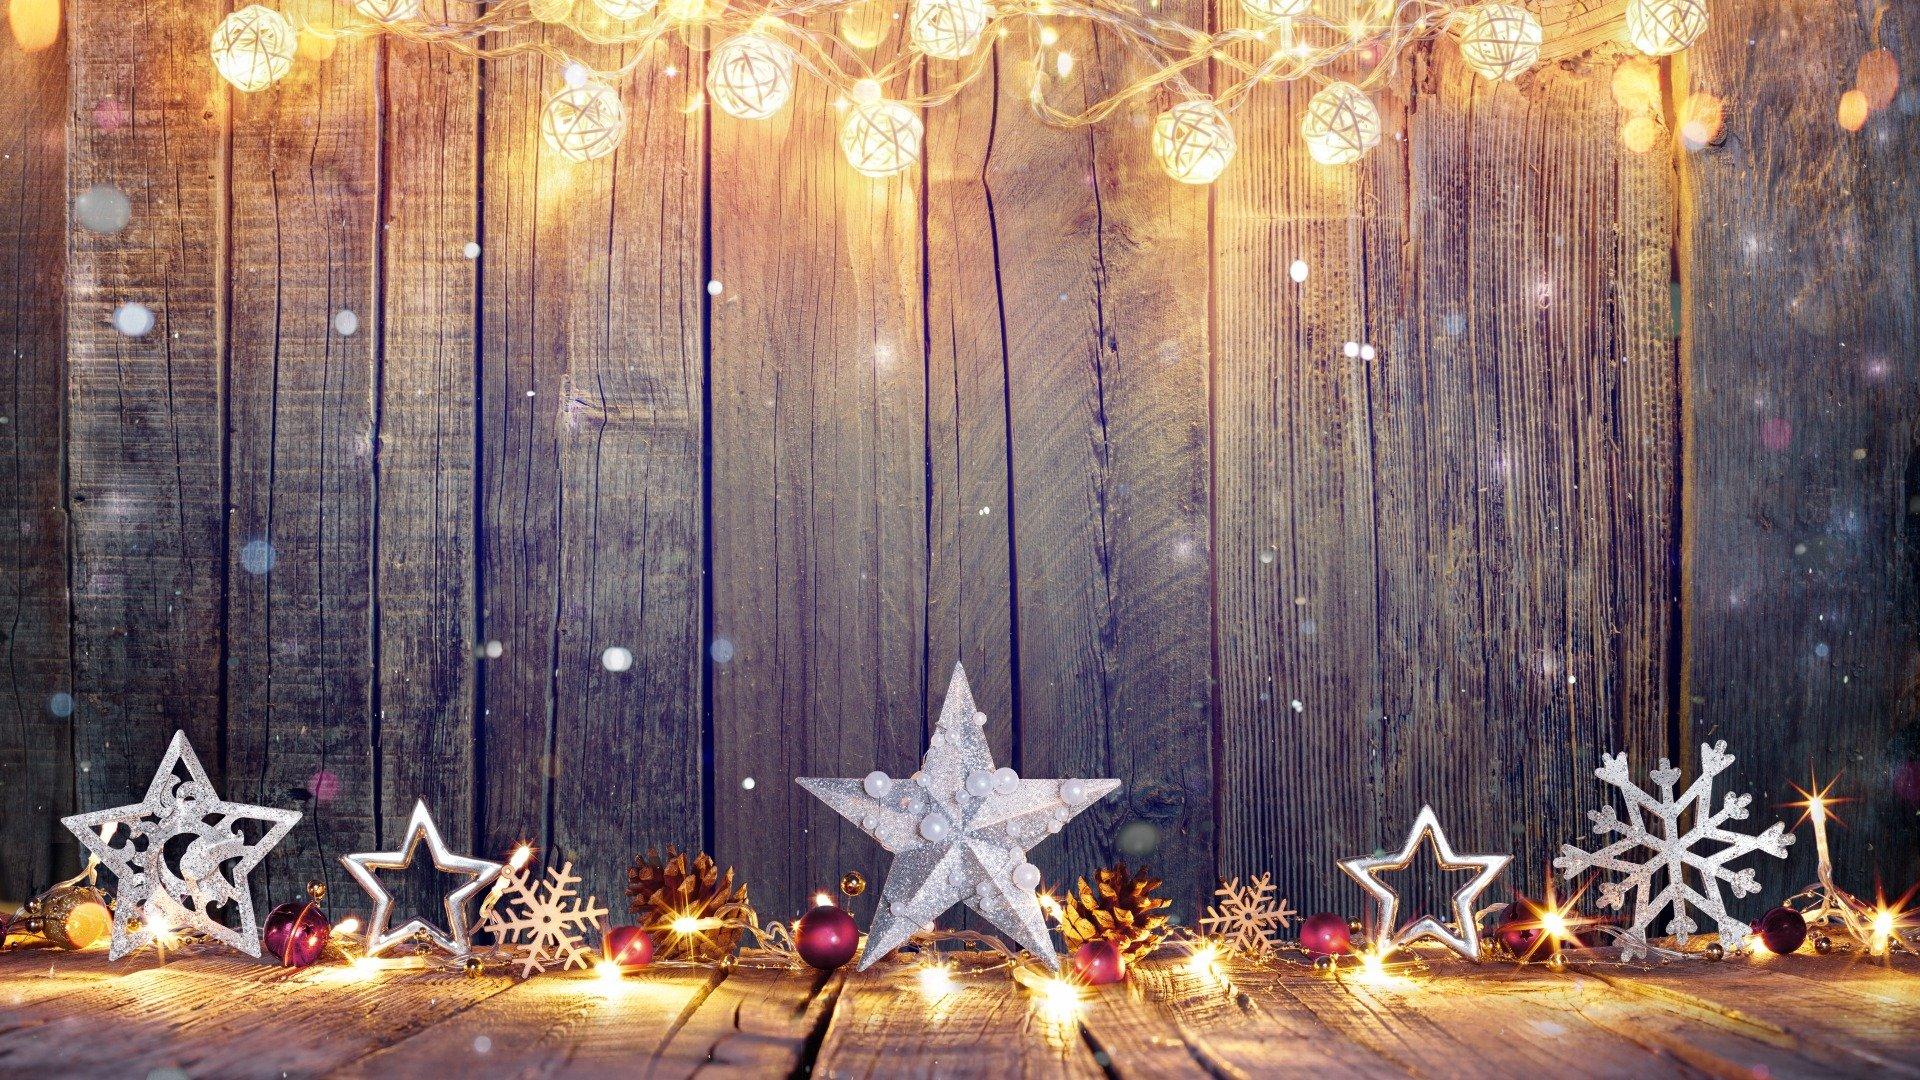 Hình ảnh Noel đẹp